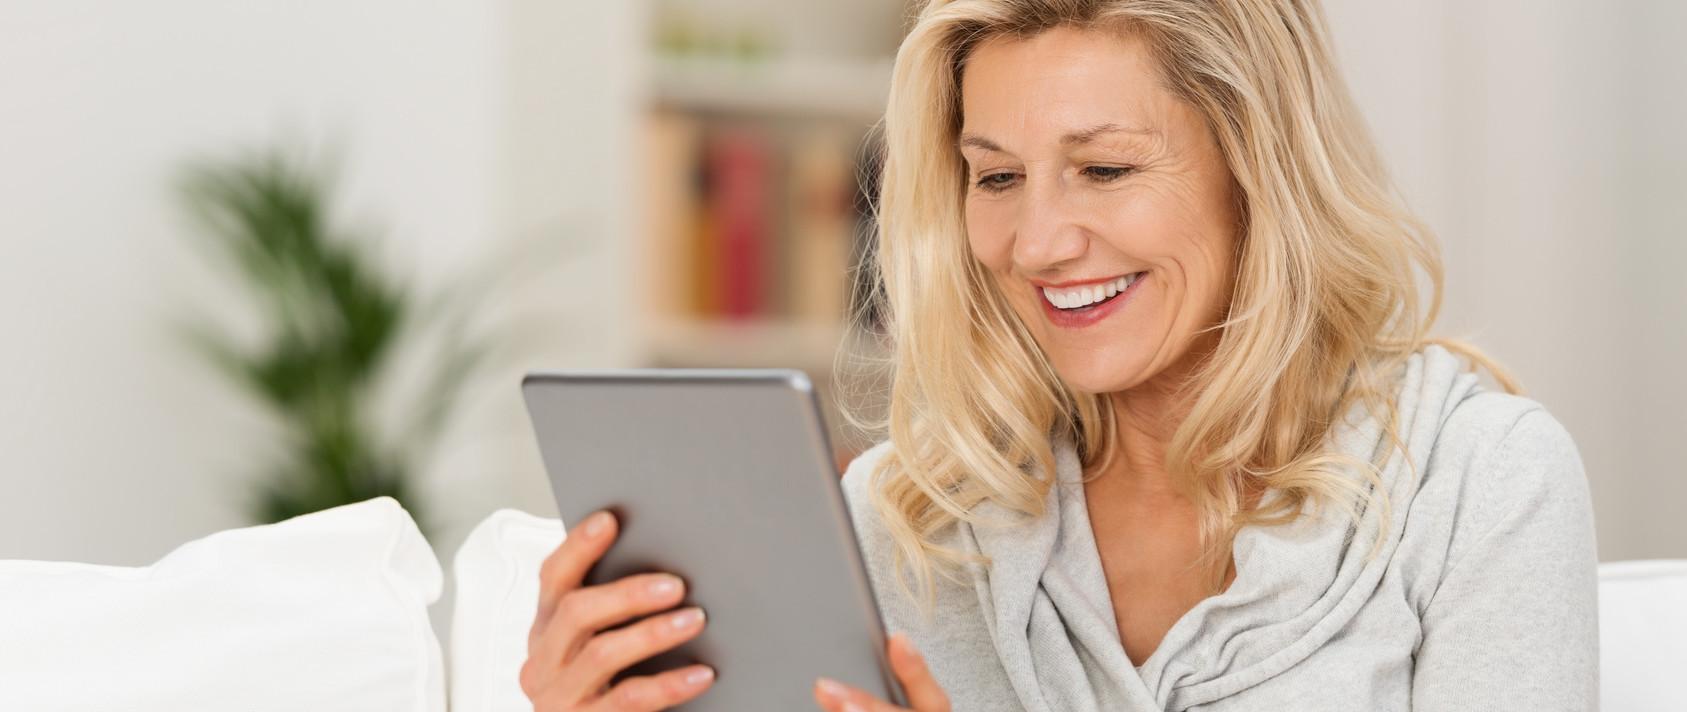 Frau schaut auf Tablet PC